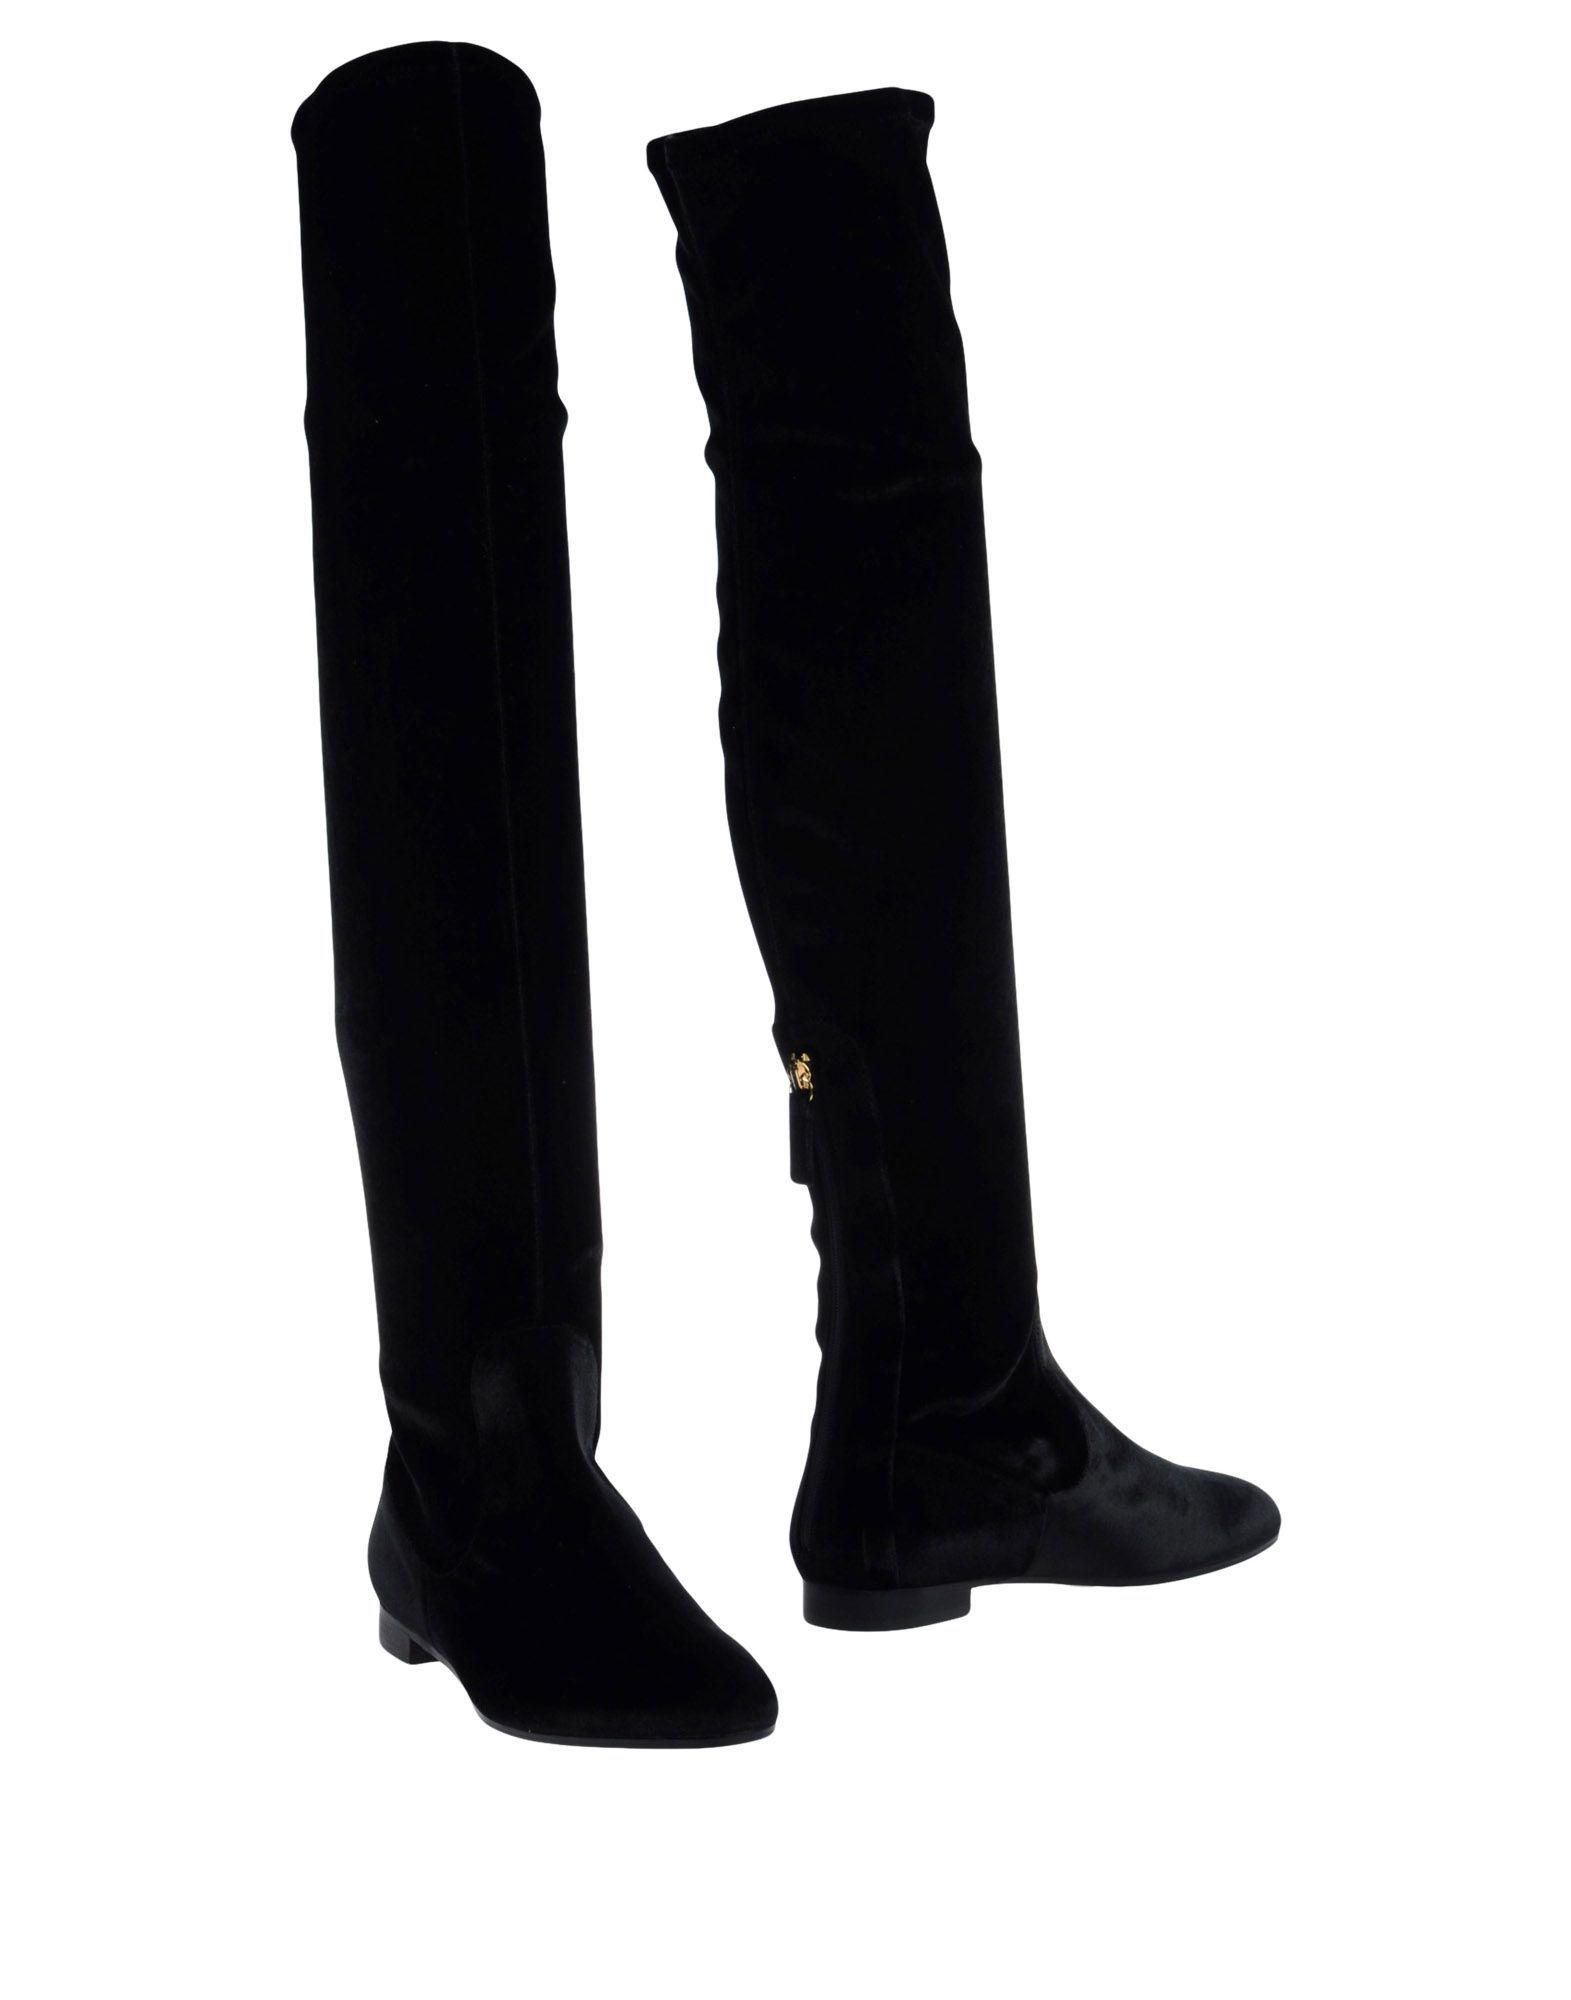 Aquazzura Women's Boots Black Textile Fibres